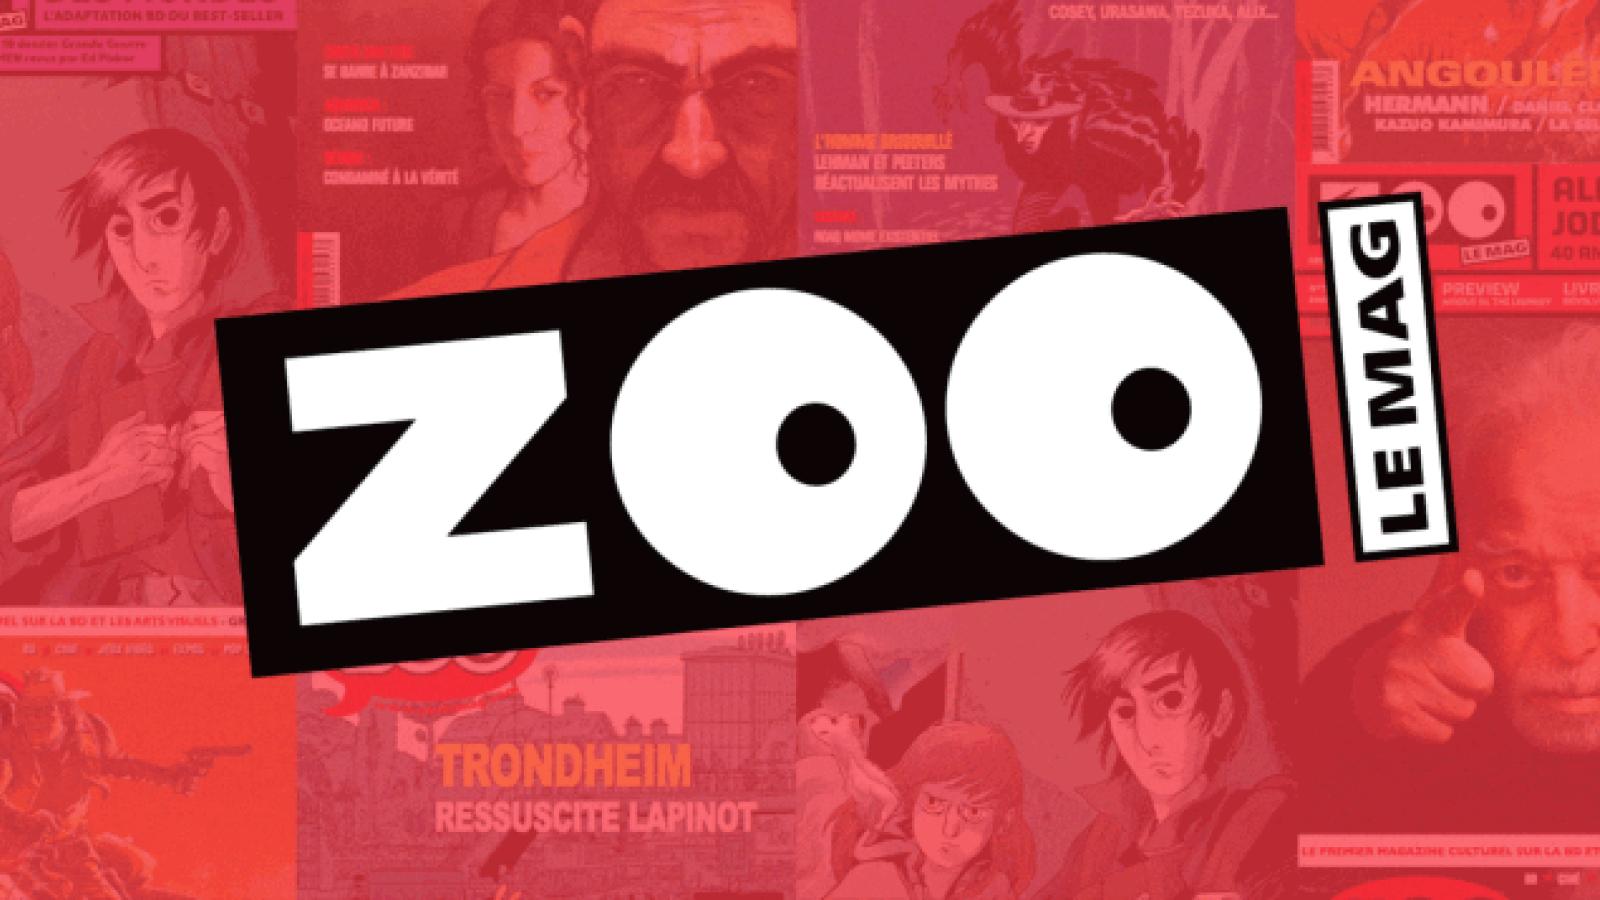 Le magazine historique ZOO se réinvente grâce à Culturebd